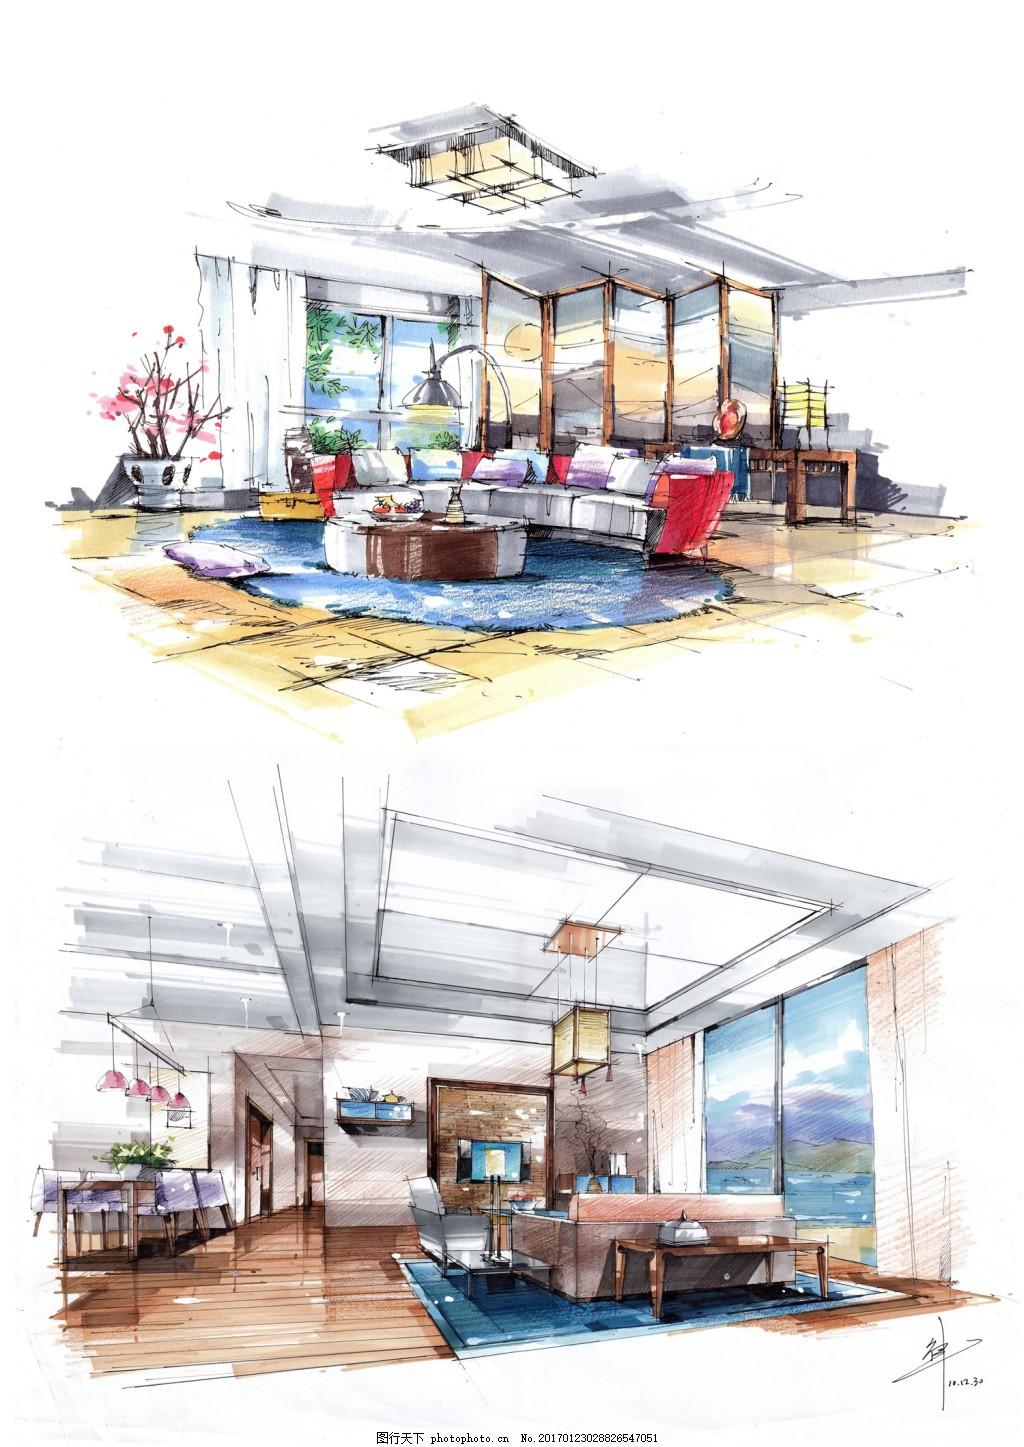 茶餐厅装修效果图 室内设计 工装效果图 工装平面图 施工图 工装效果